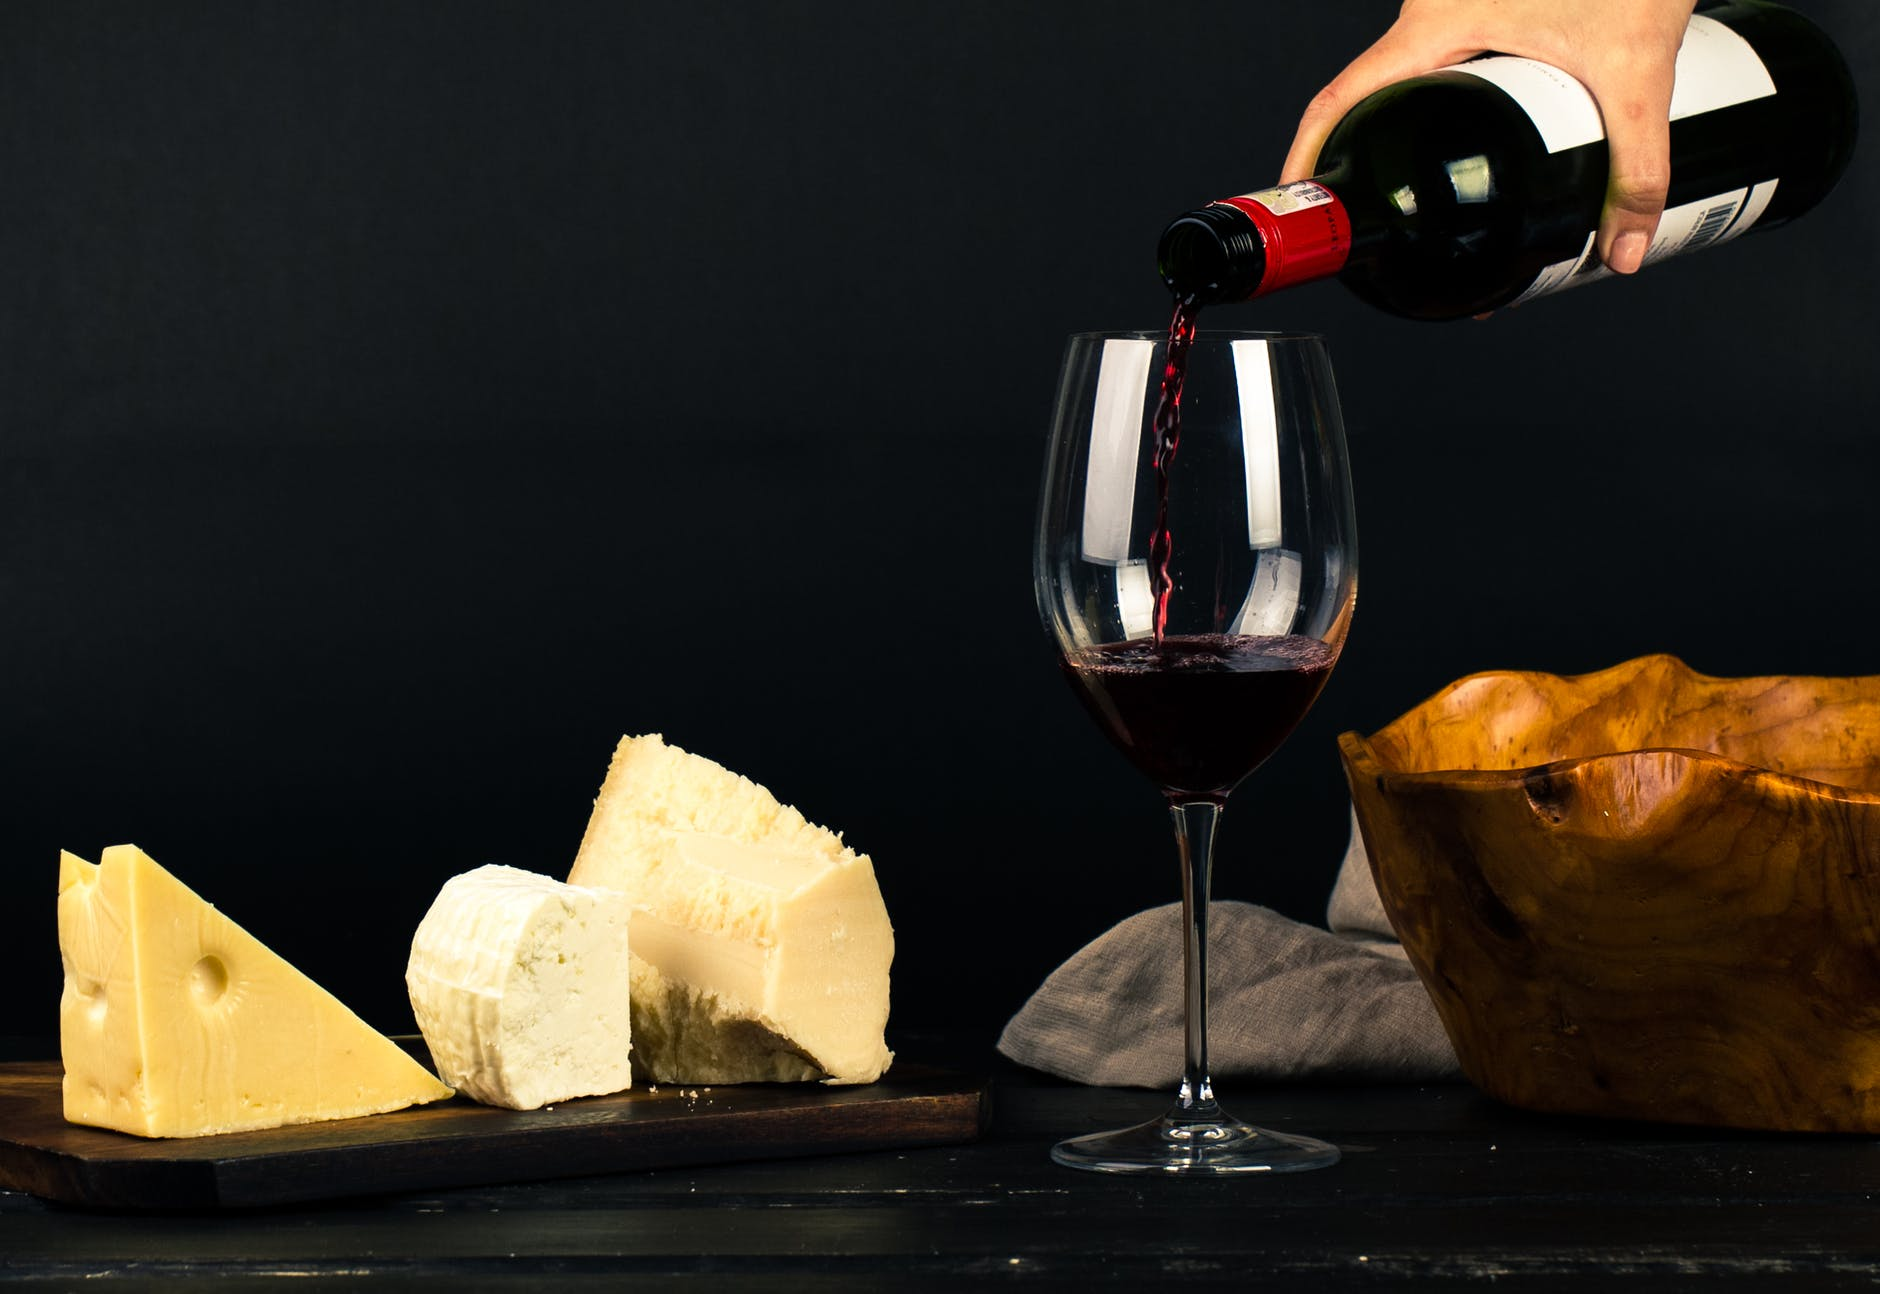 Copa de vino junto a quesos como aperitivo